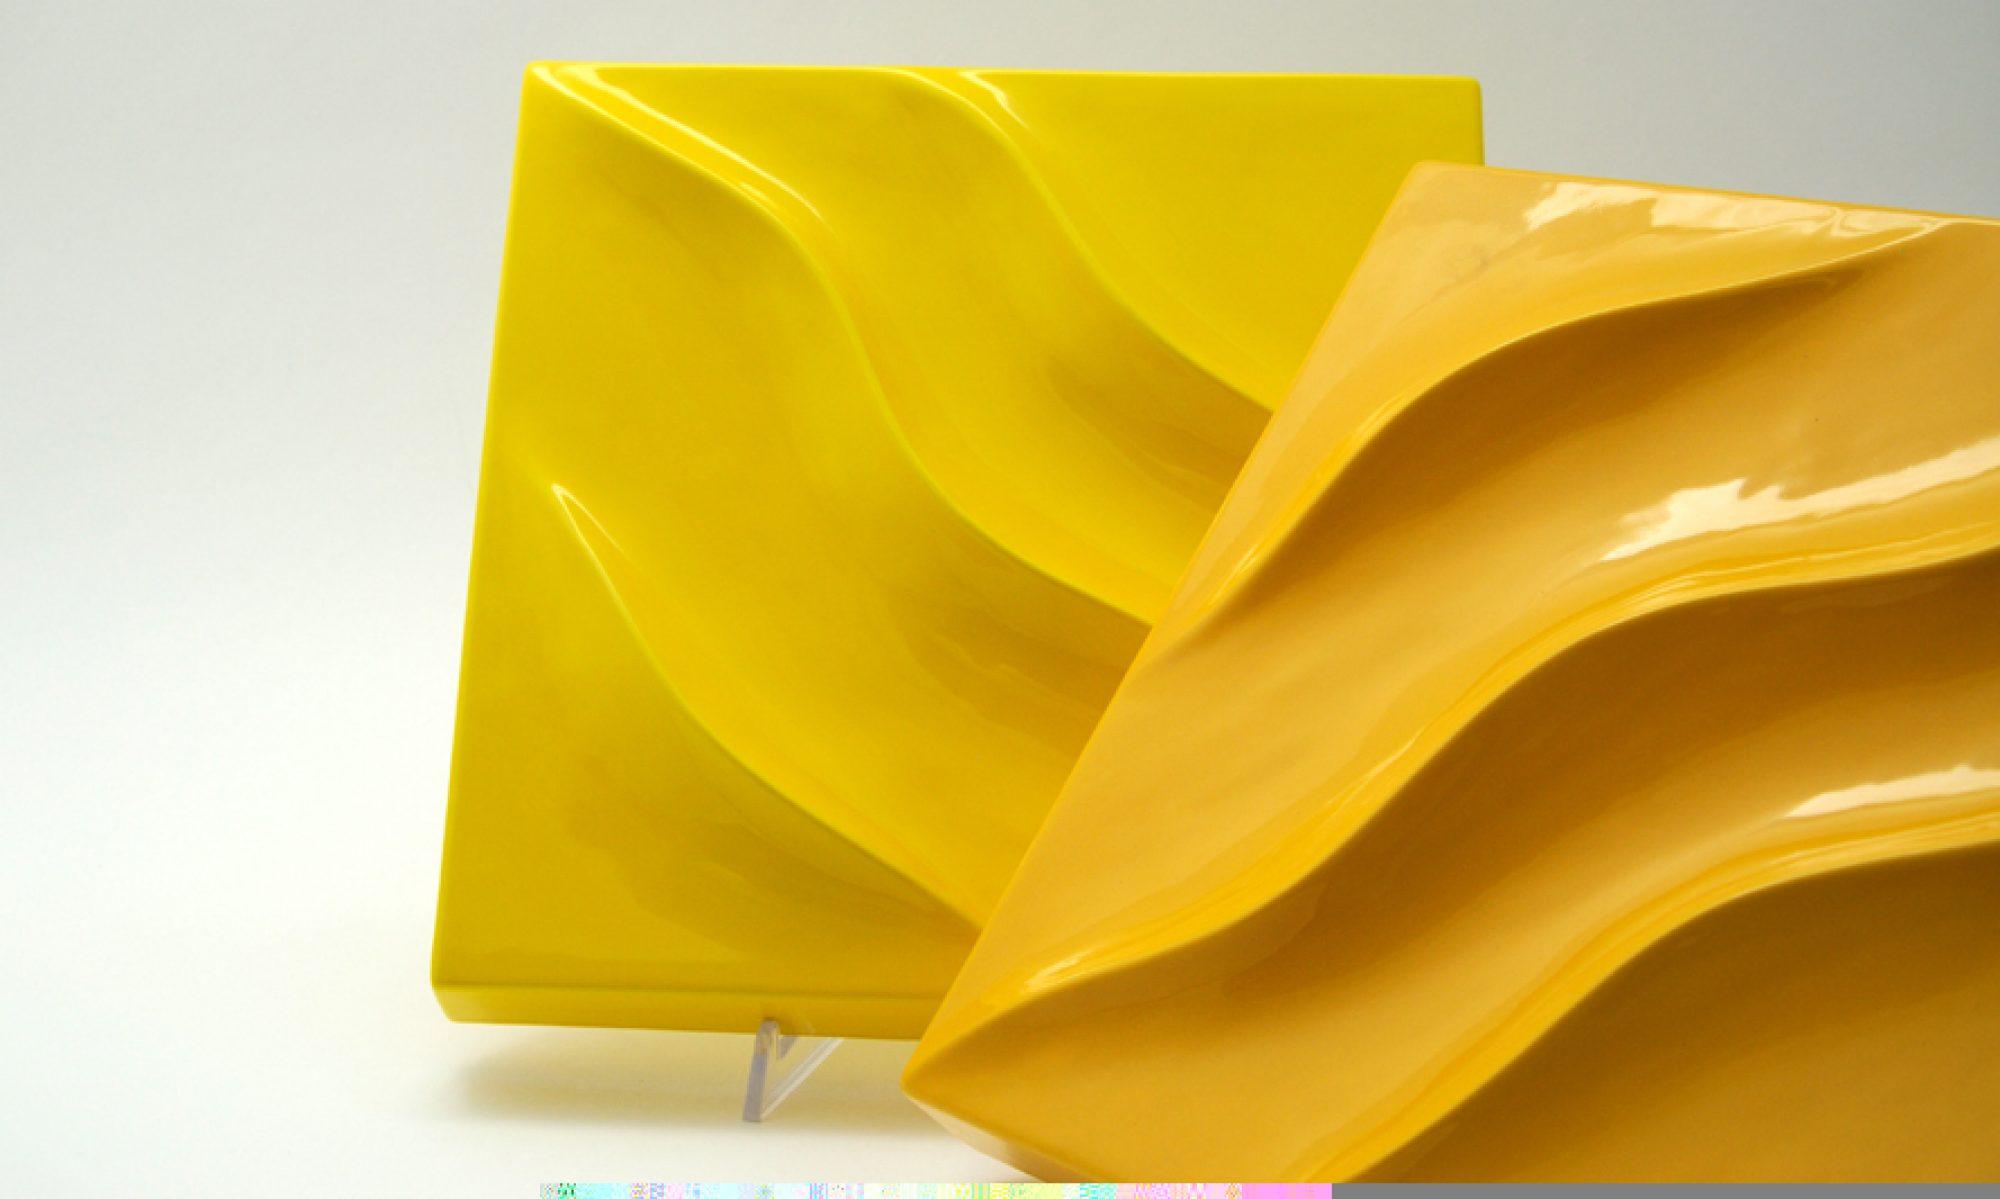 Estroflessoceramico.it